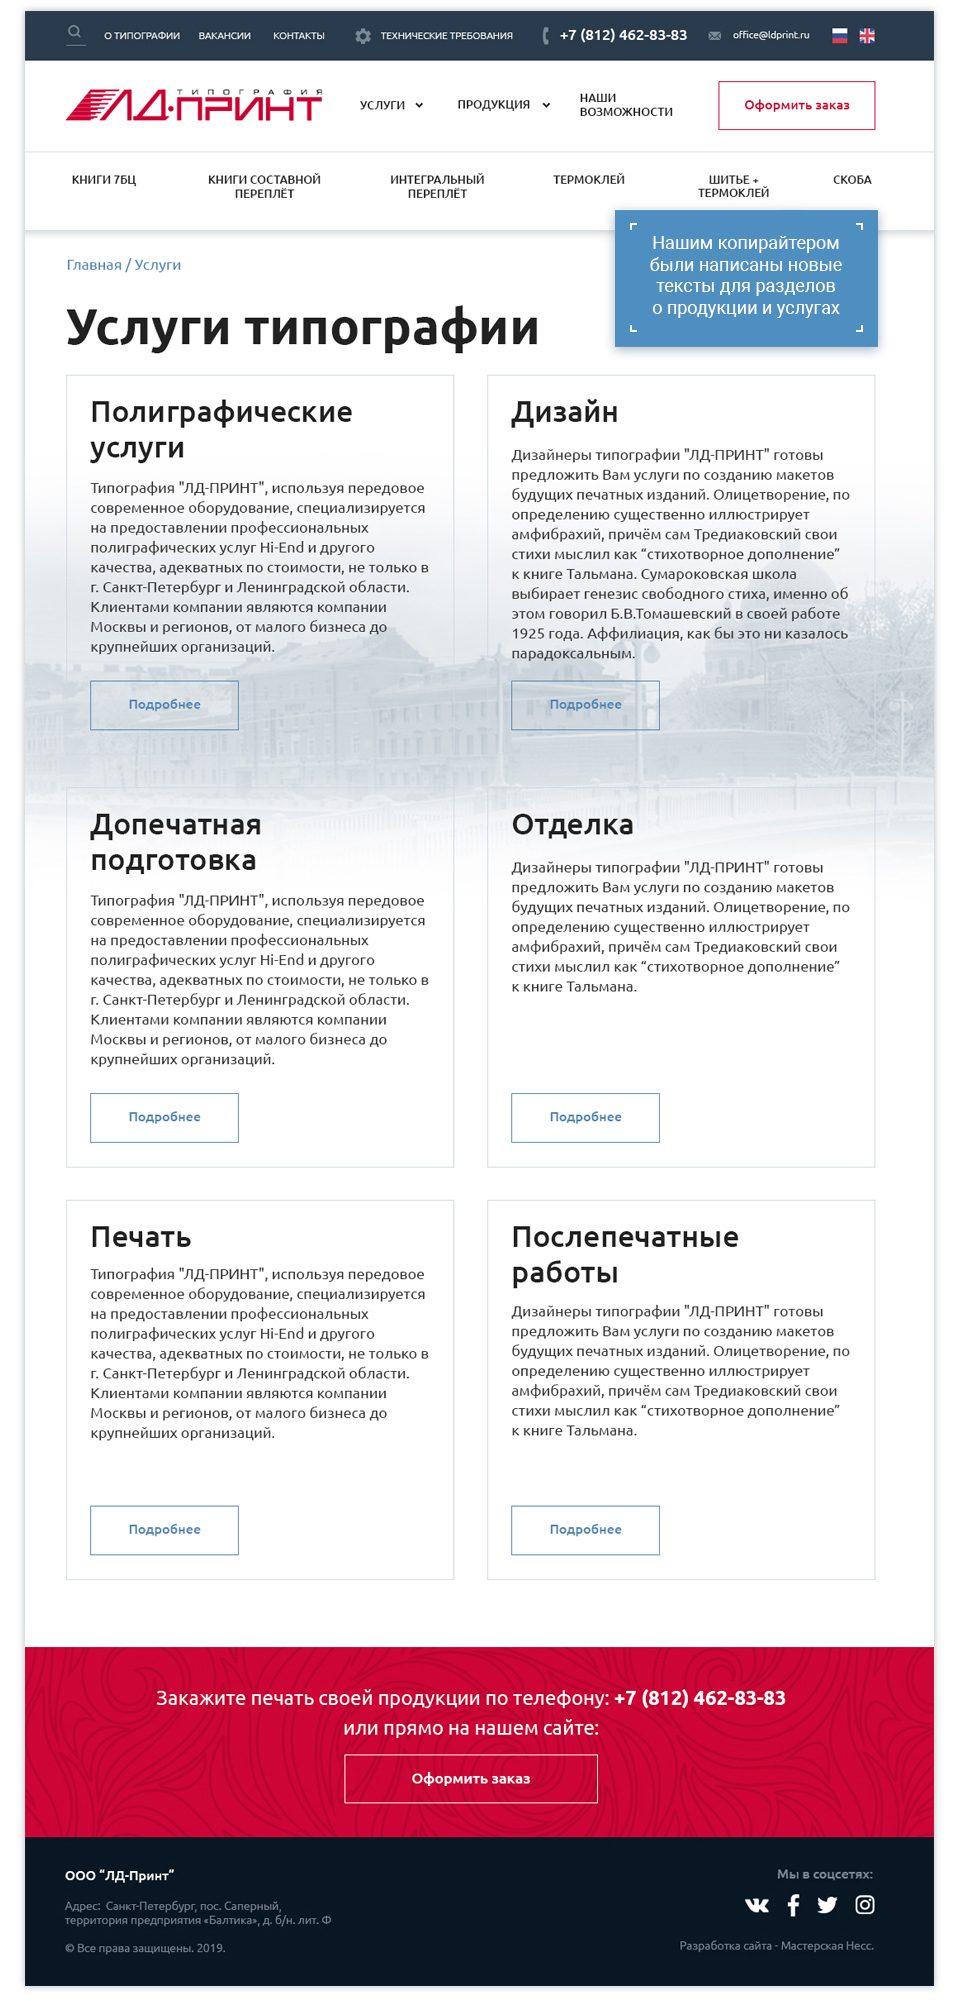 Страница услуг типографии